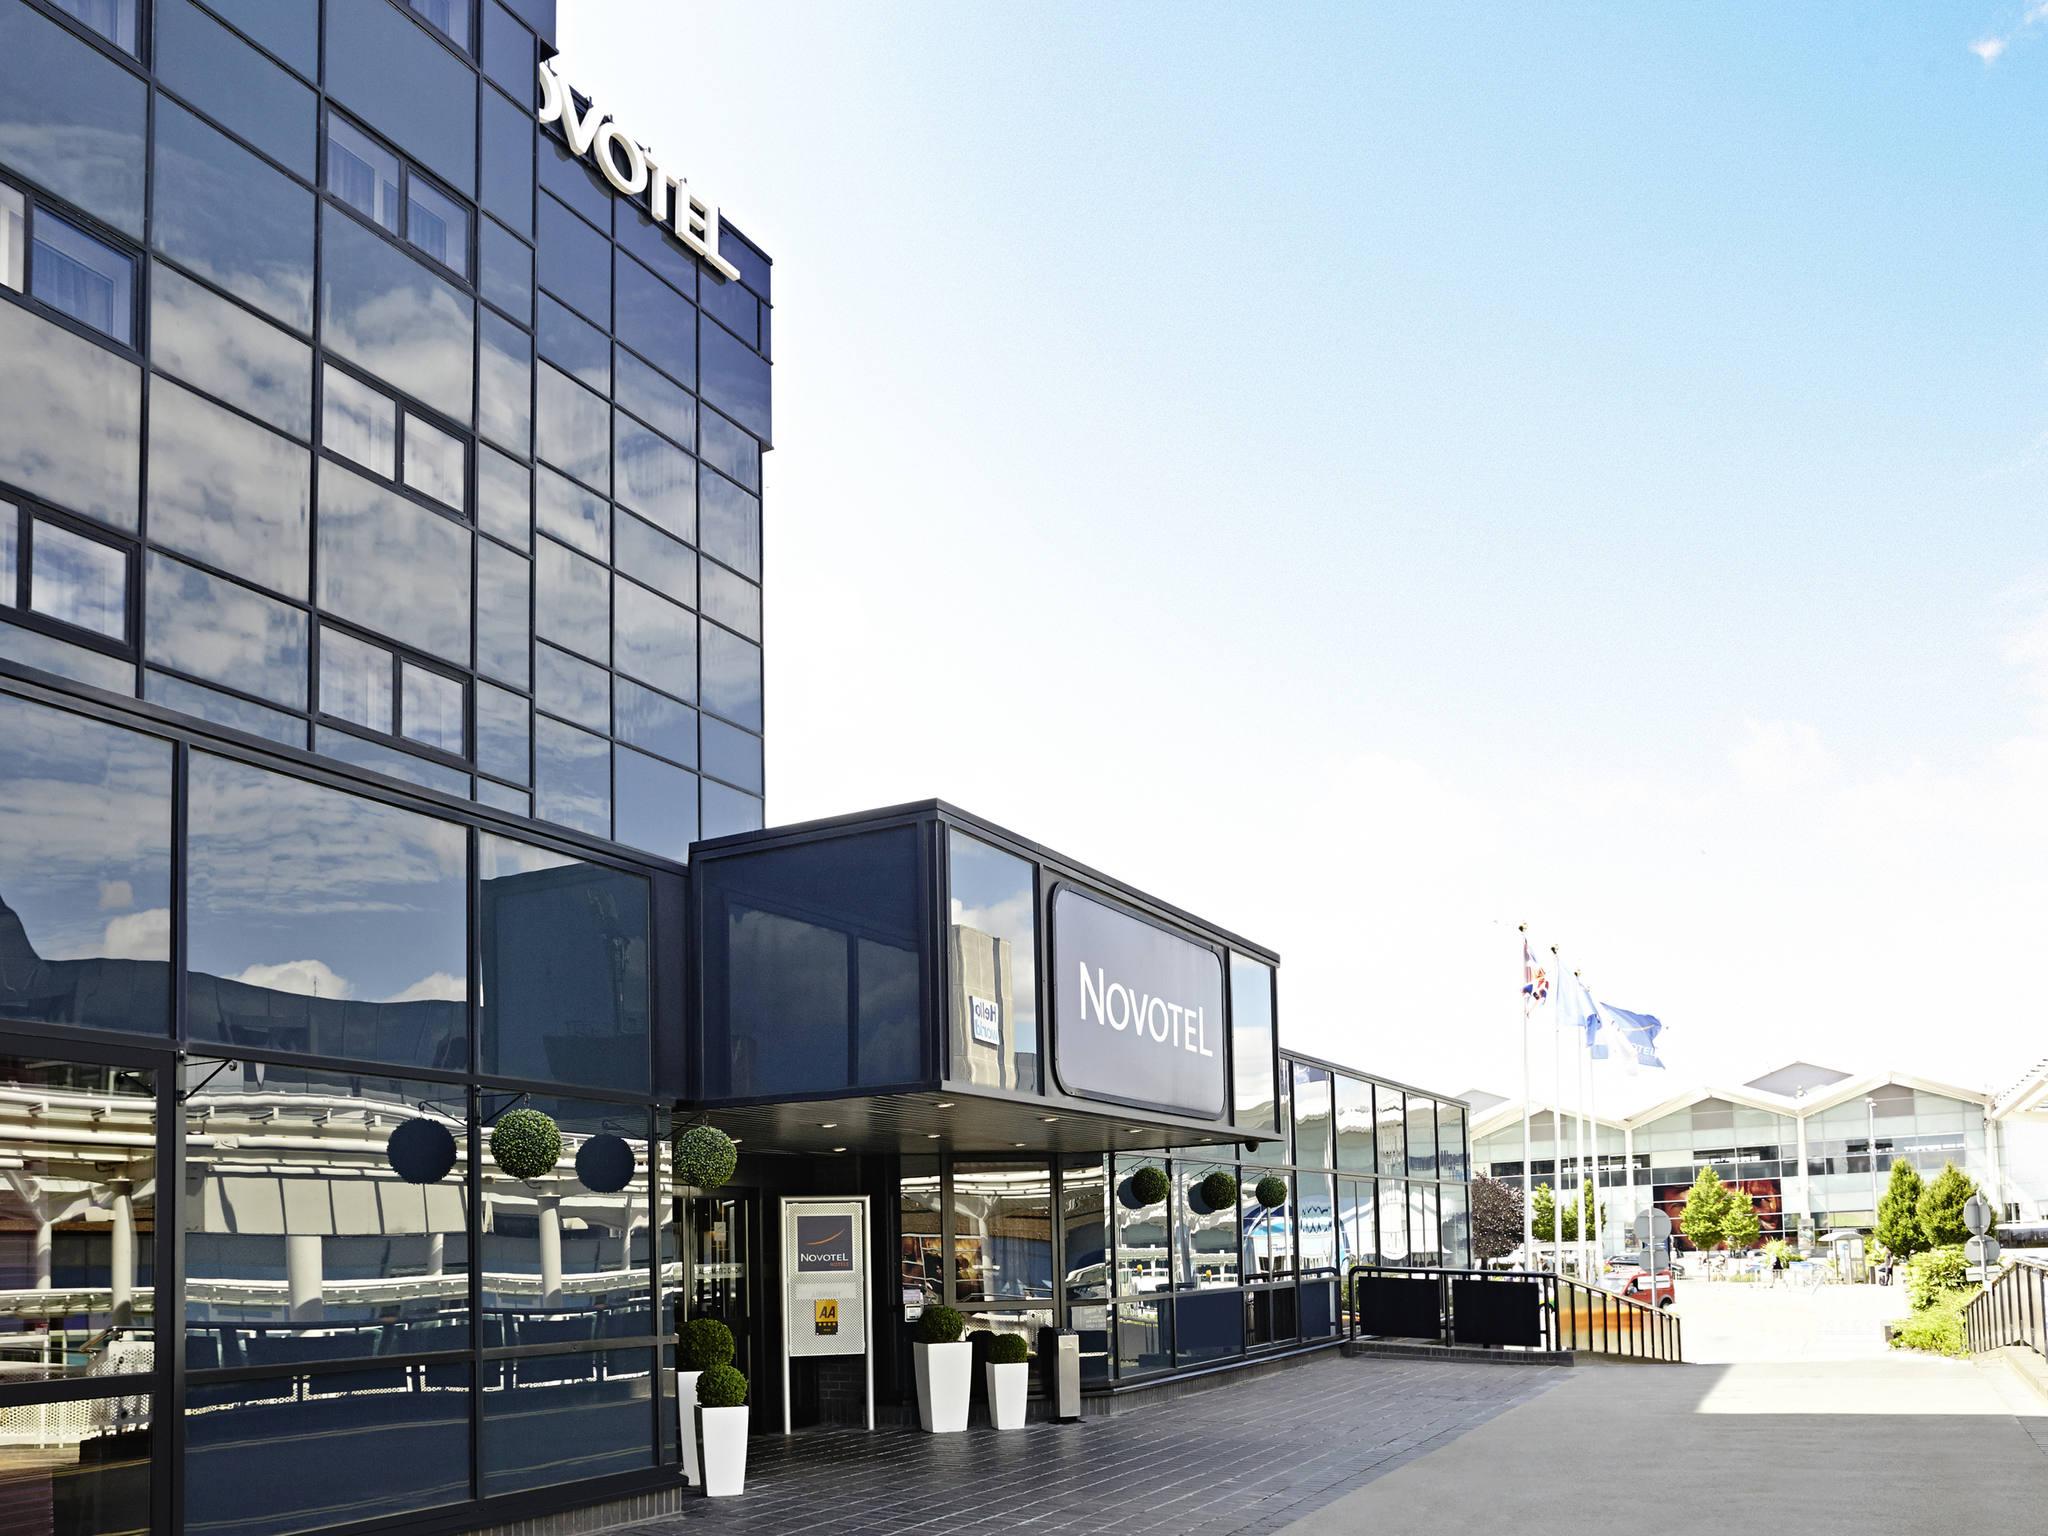 Novotel birmingham airport relaxing hotel inbirmingham hotel novotel birmingham airport m4hsunfo